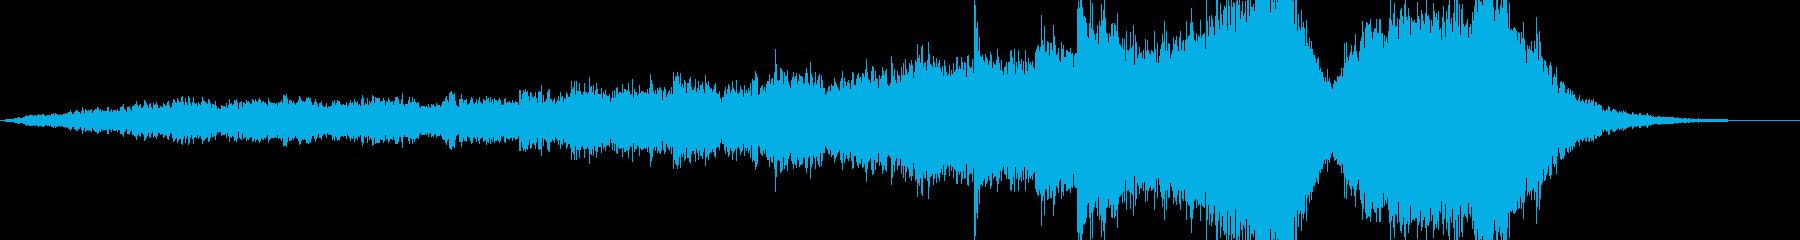 荘厳な雰囲気のトレーラー用BGMの再生済みの波形